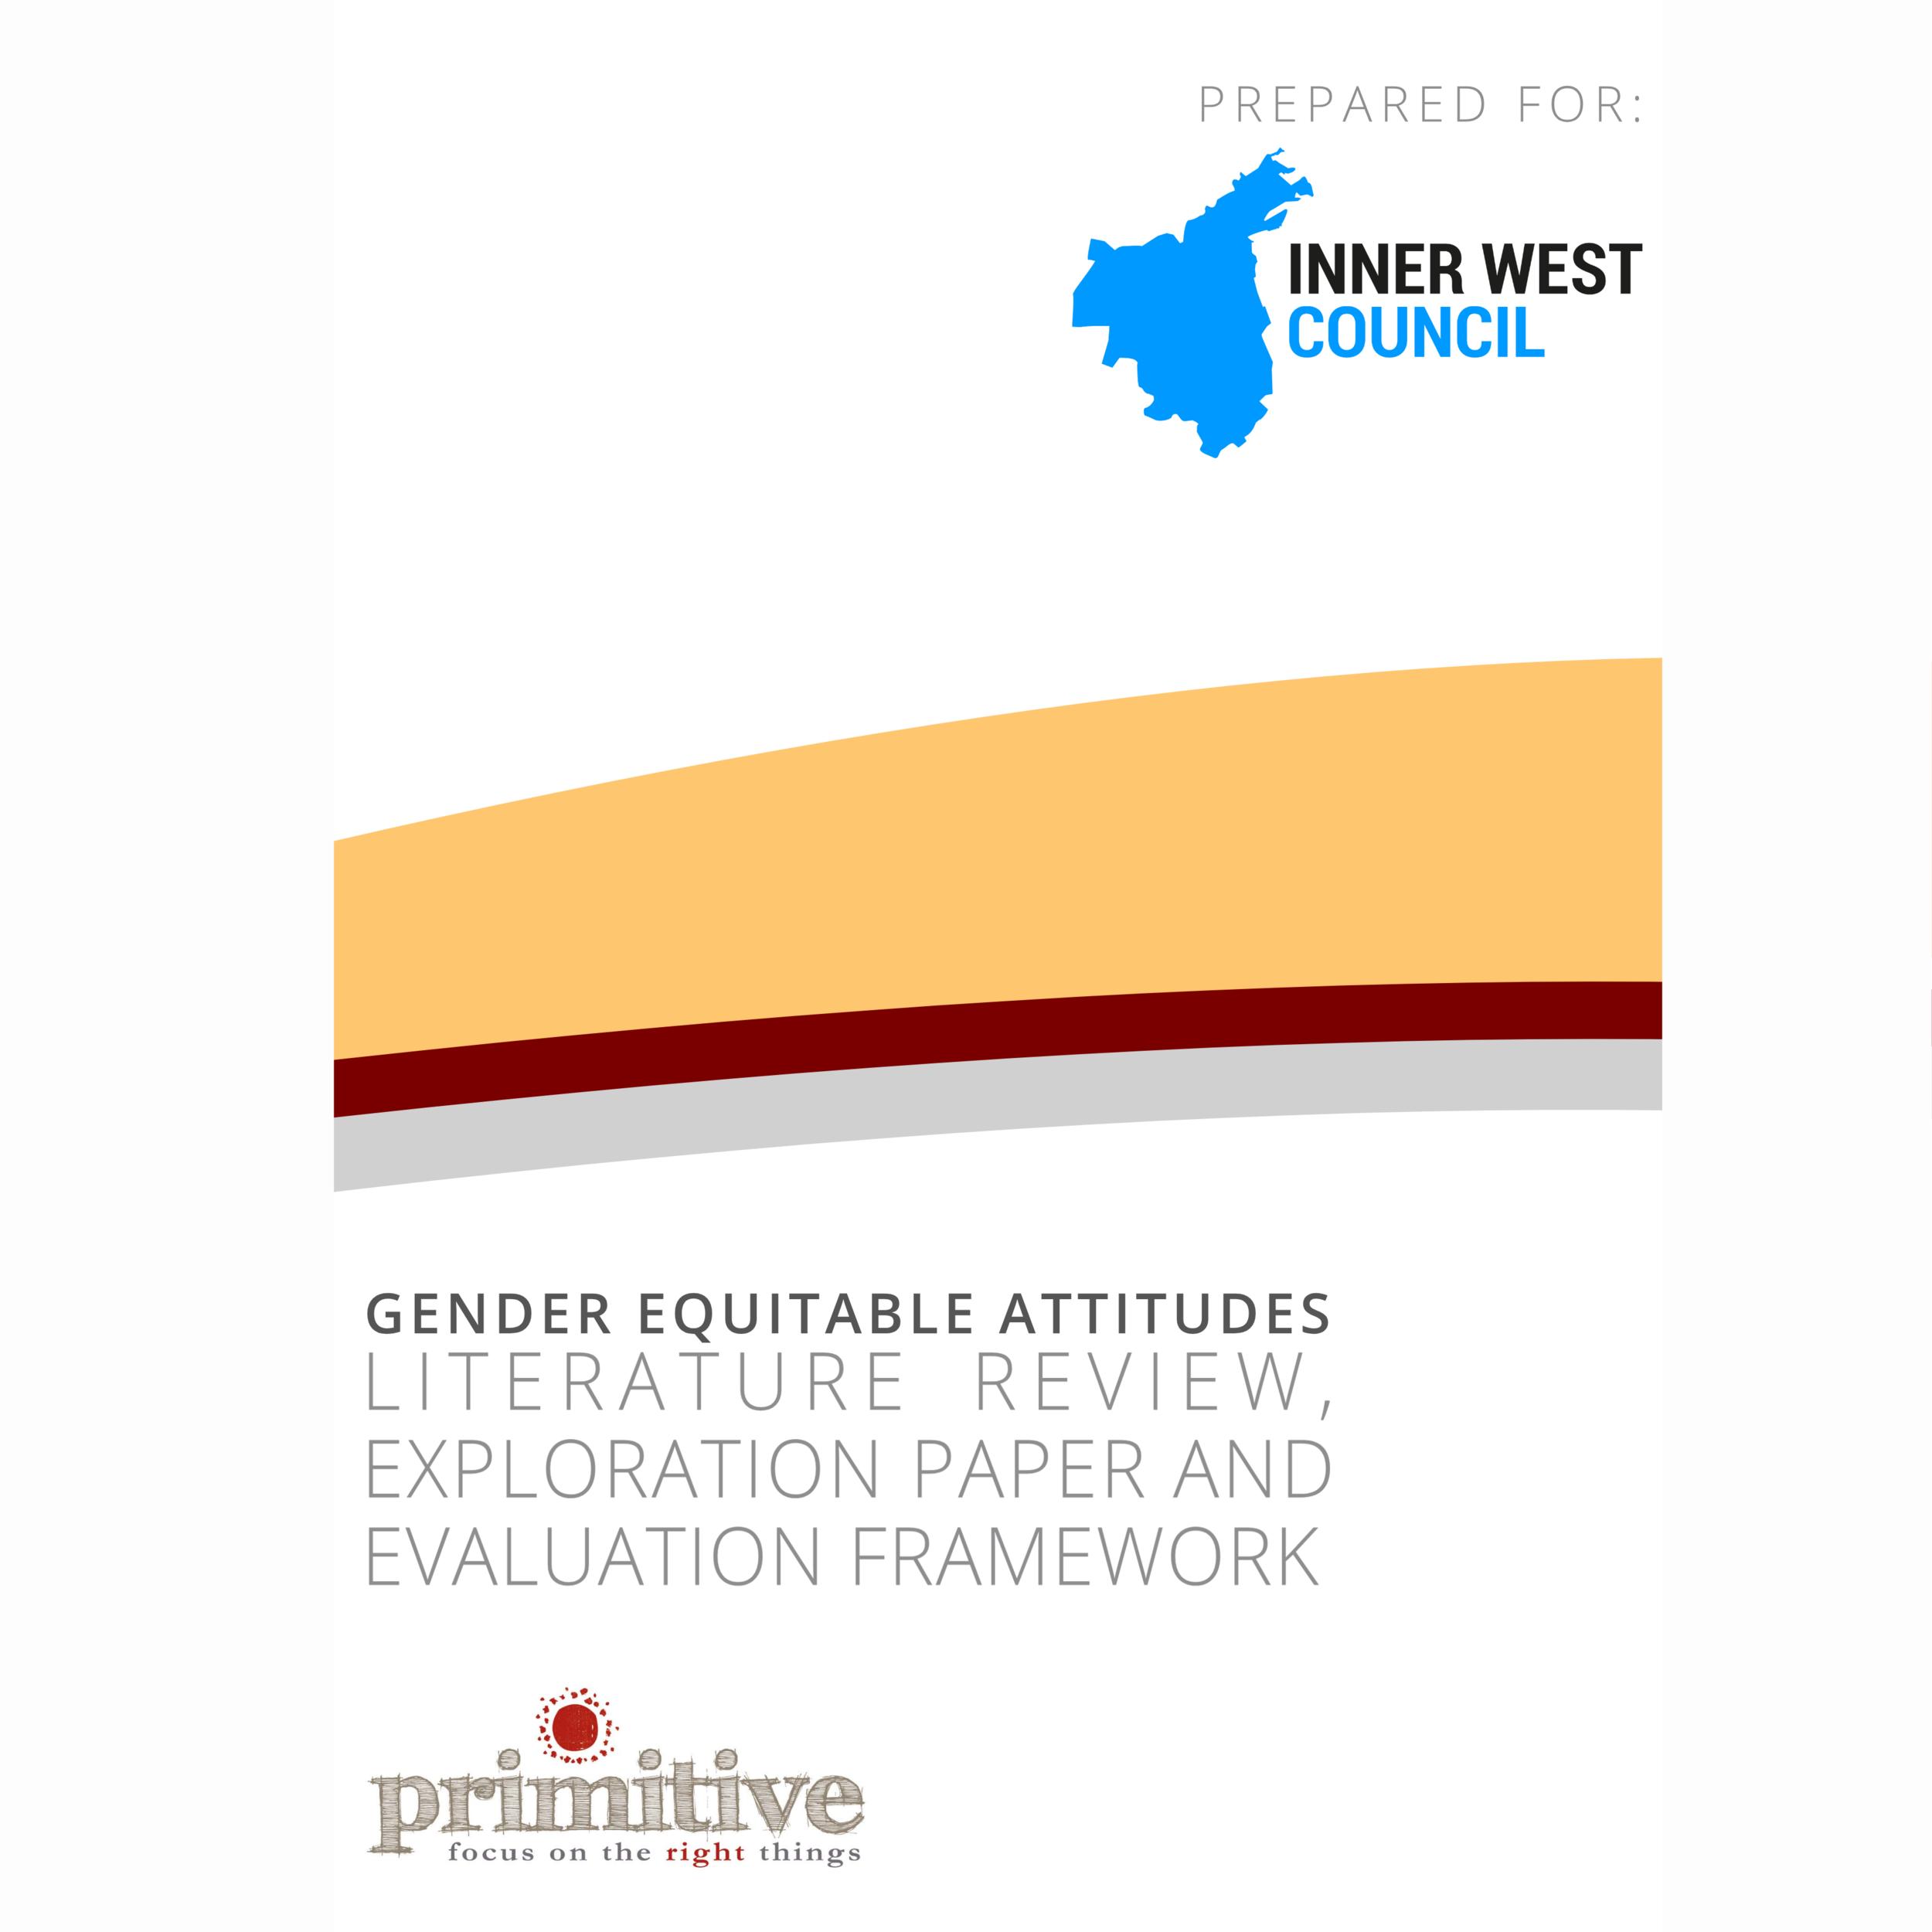 Gender attitude change literature review